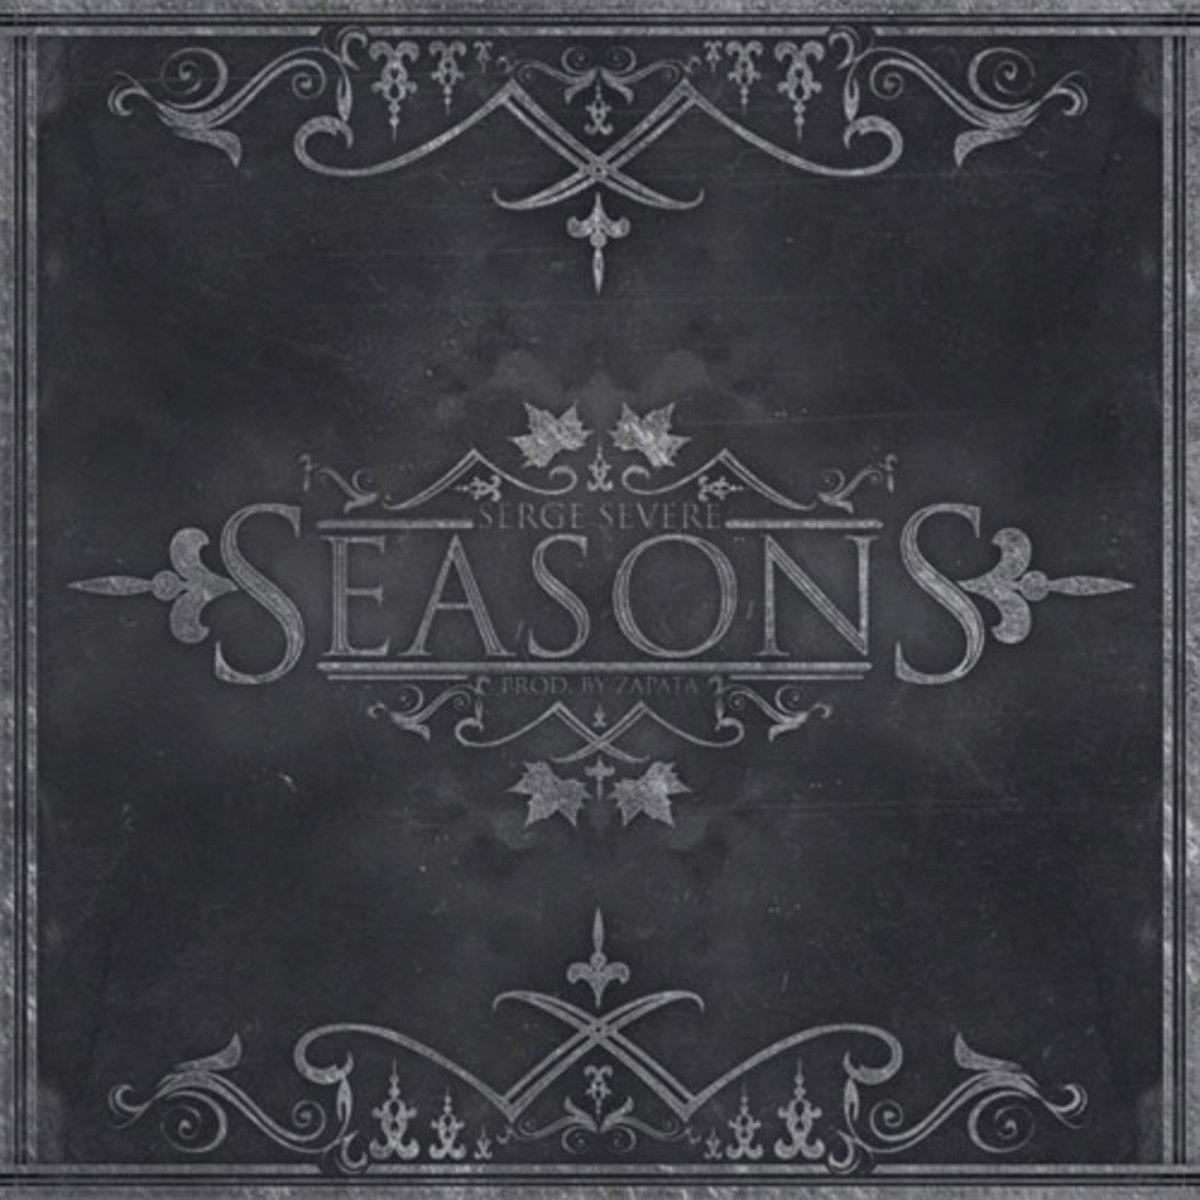 sergesevere-seasons.jpg